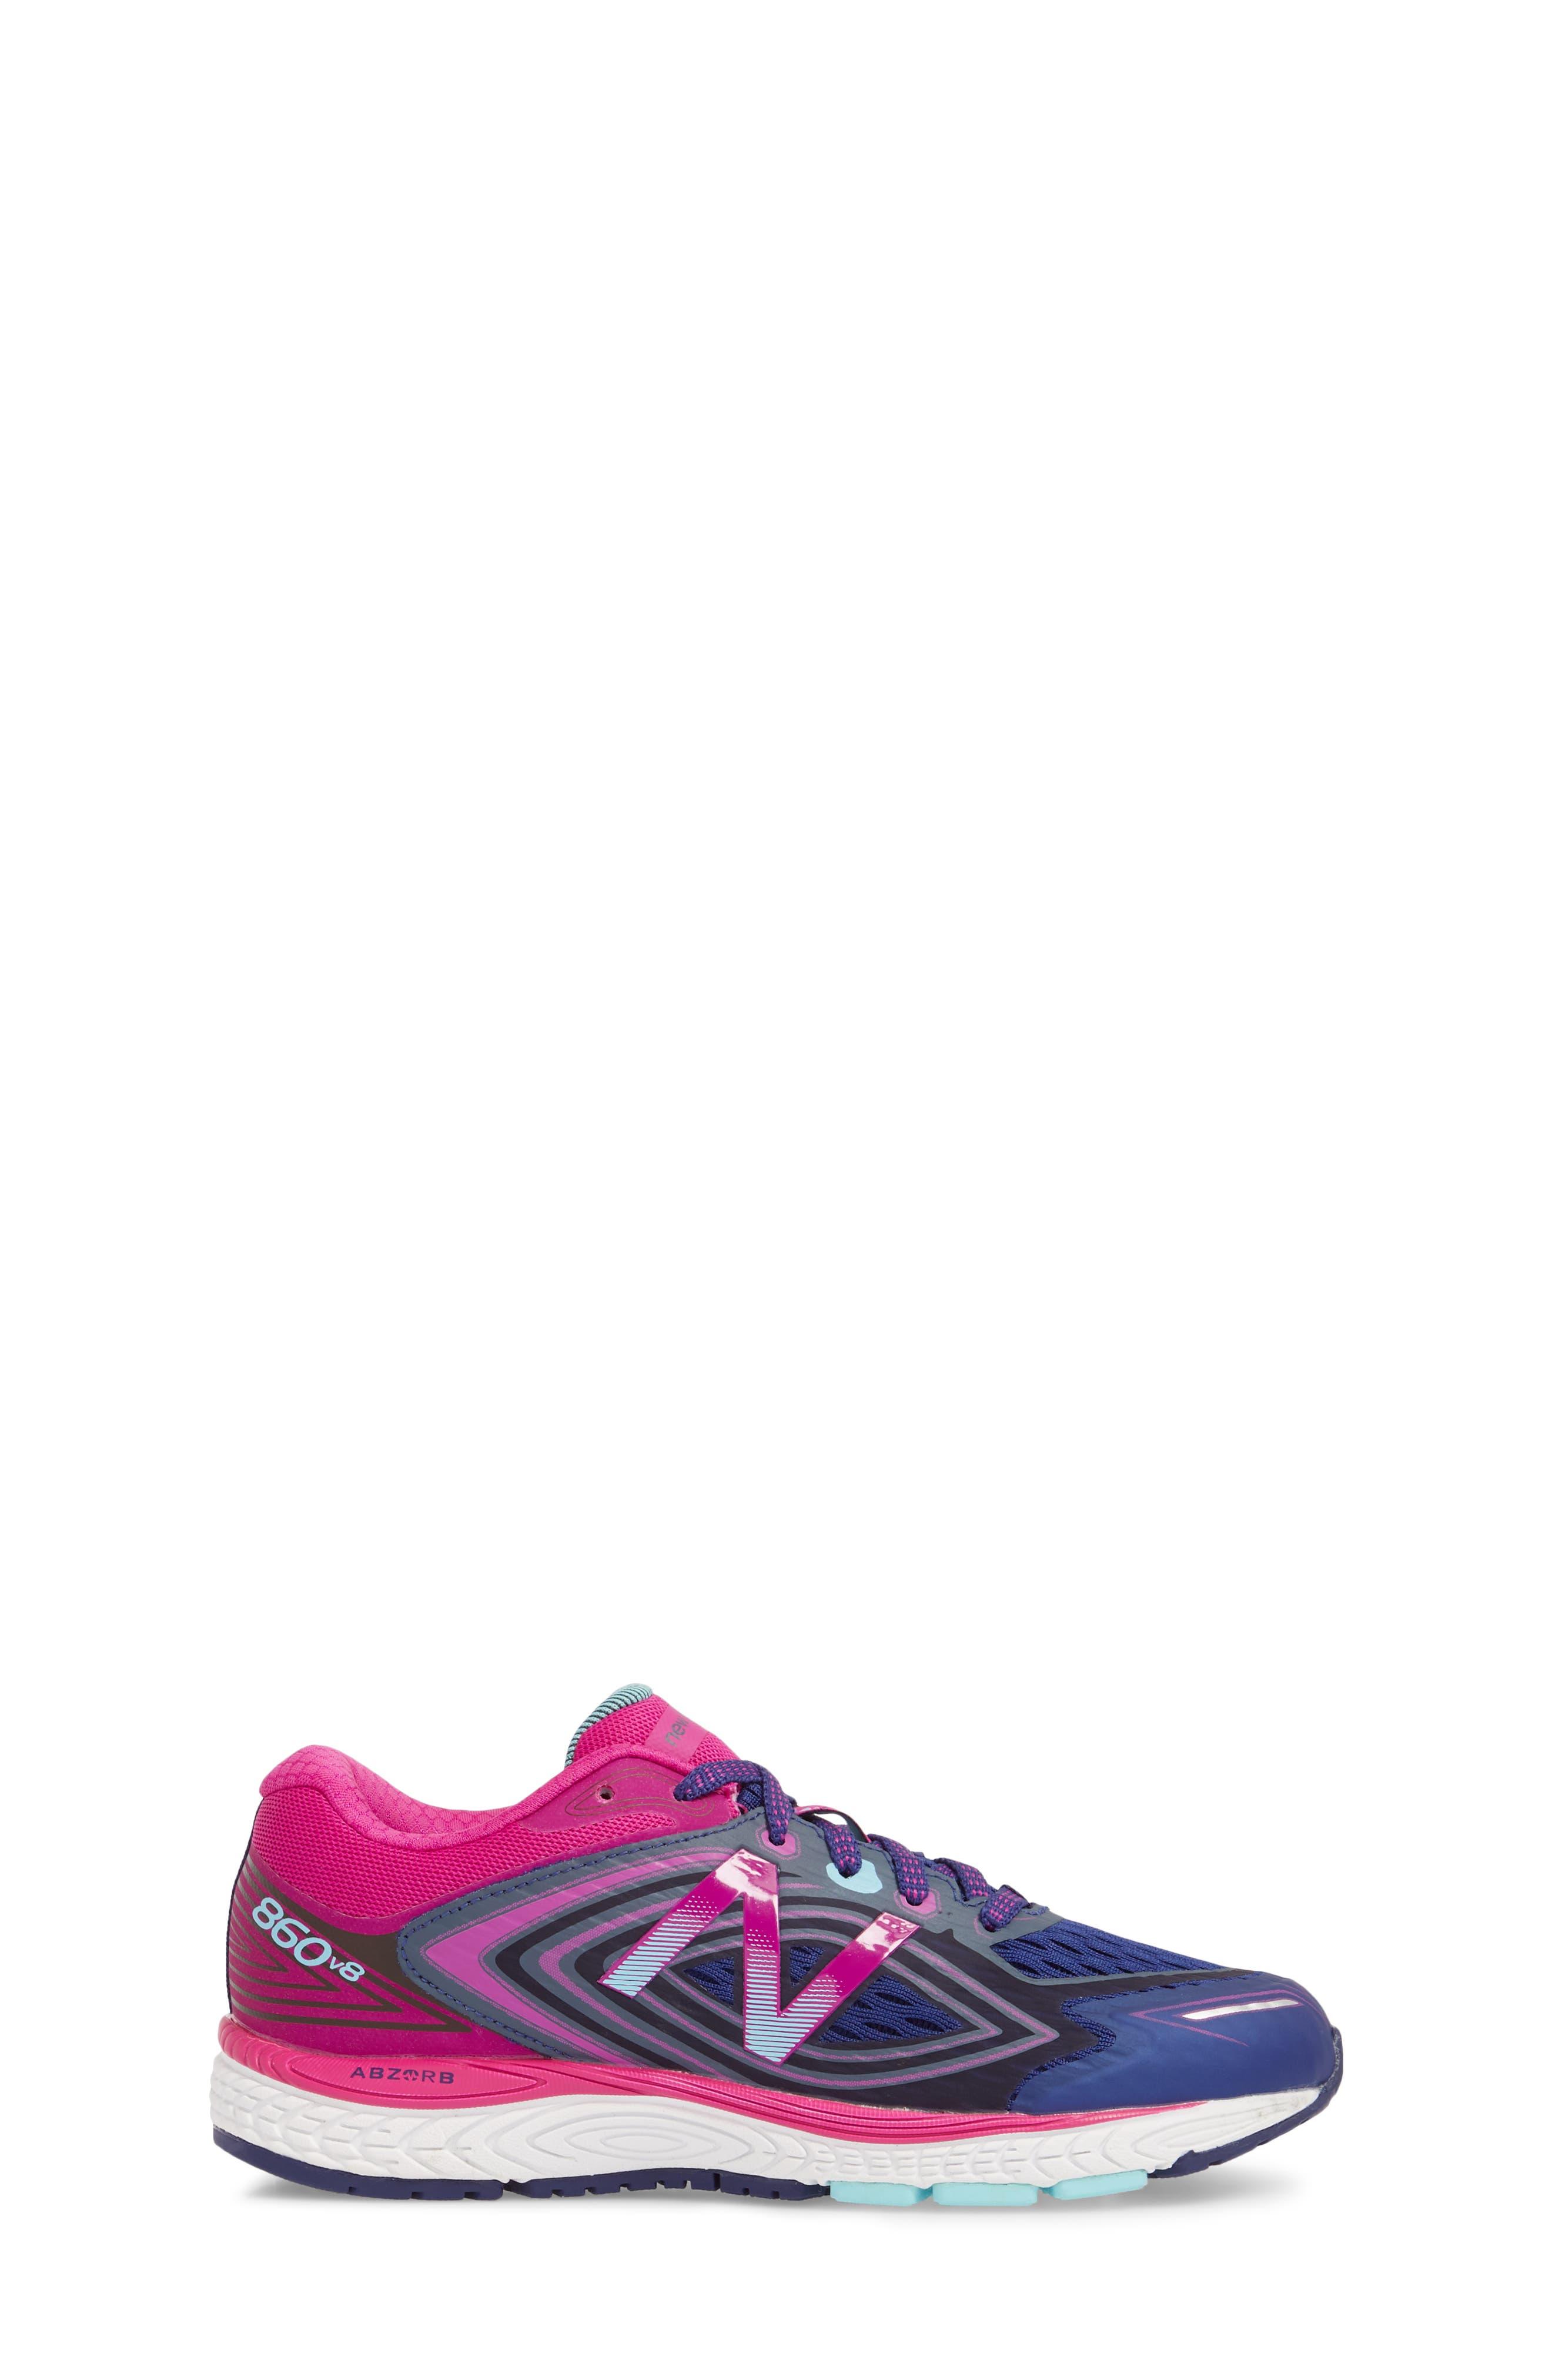 860v8 Sneaker,                             Alternate thumbnail 3, color,                             Navy